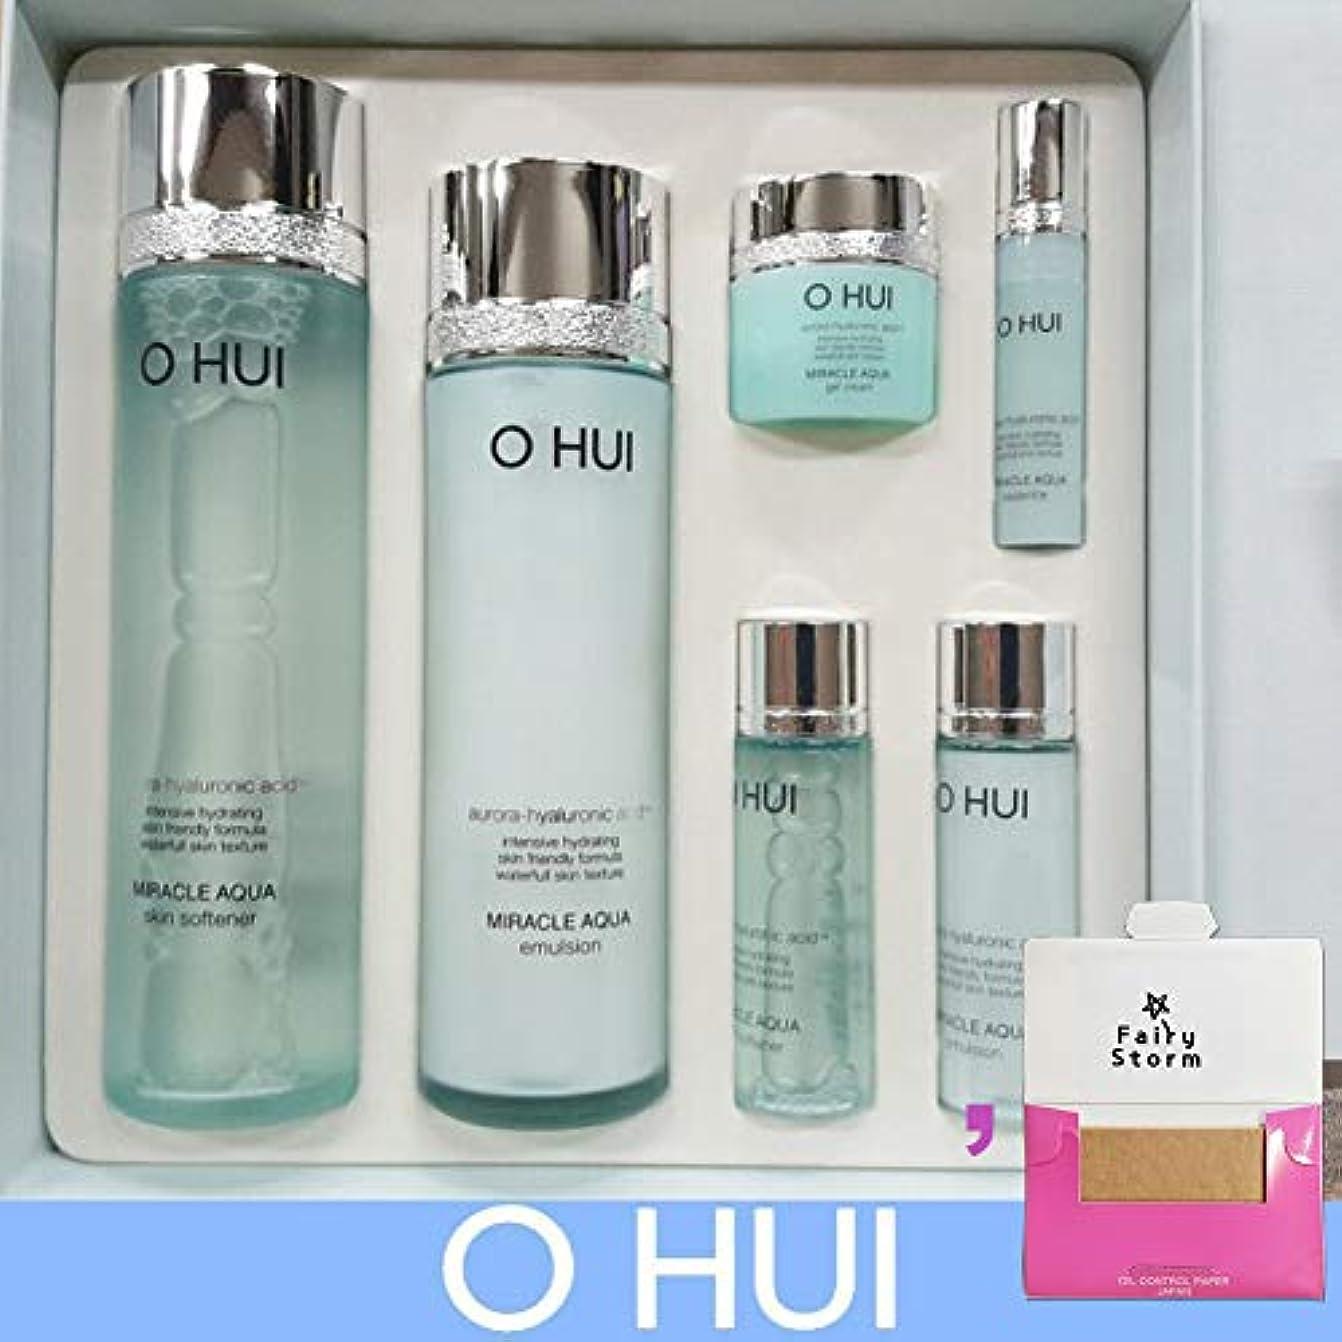 音サイズロゴ[オフィ/O HUI]韓国化粧品LG生活健康/O HUI MIRACLE AQUA SPECIAL SET/ミラクルアクア2種セット+[Sample Gift](海外直送品)